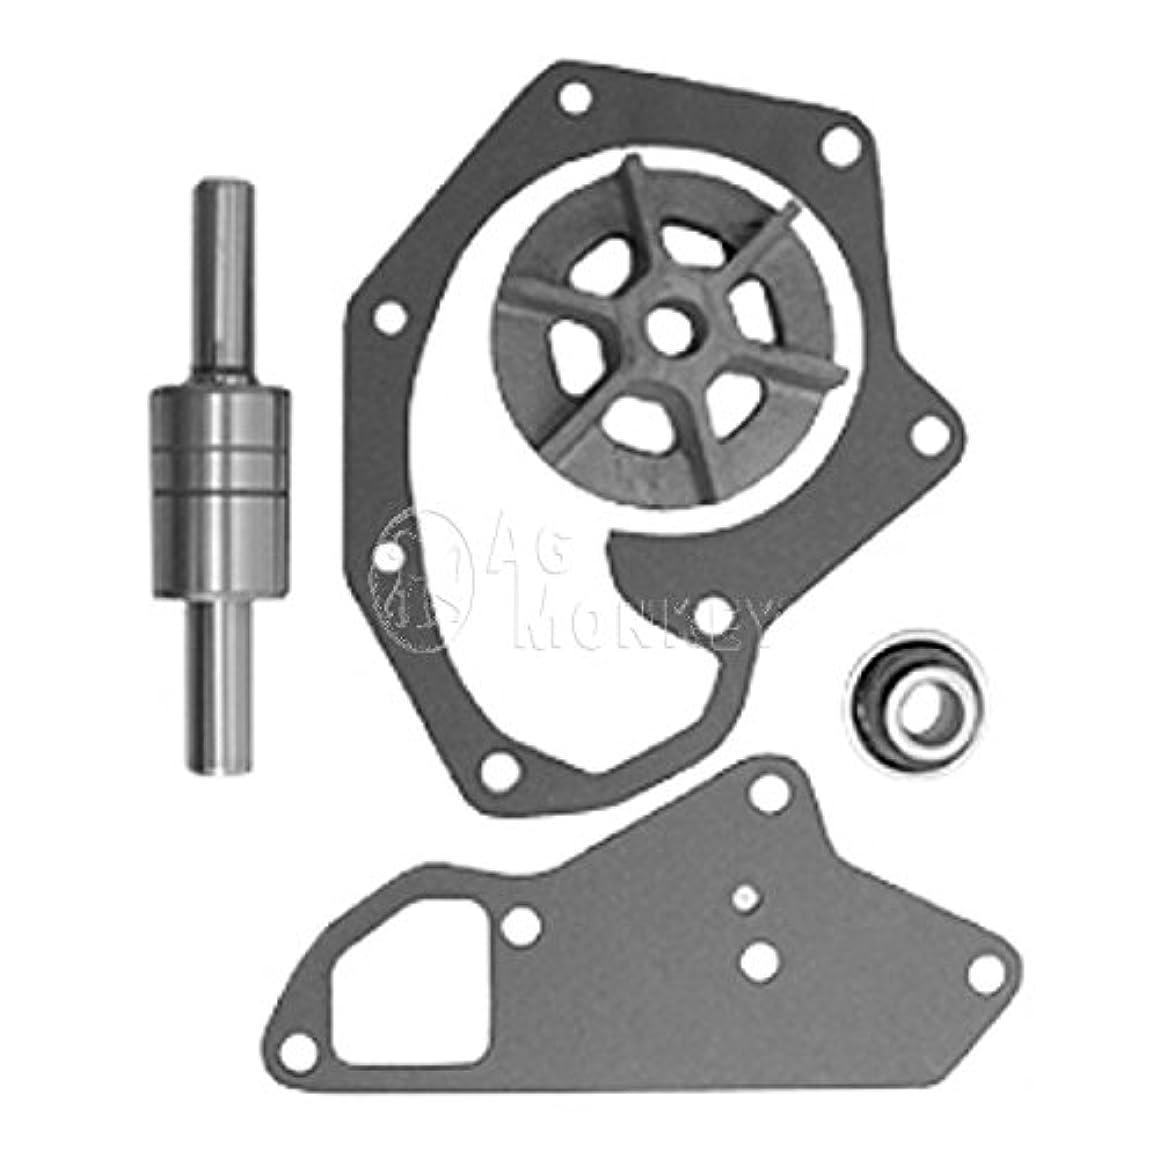 R938300 Water Pump Repair Kits For John Deere 300 301 302 302A 310